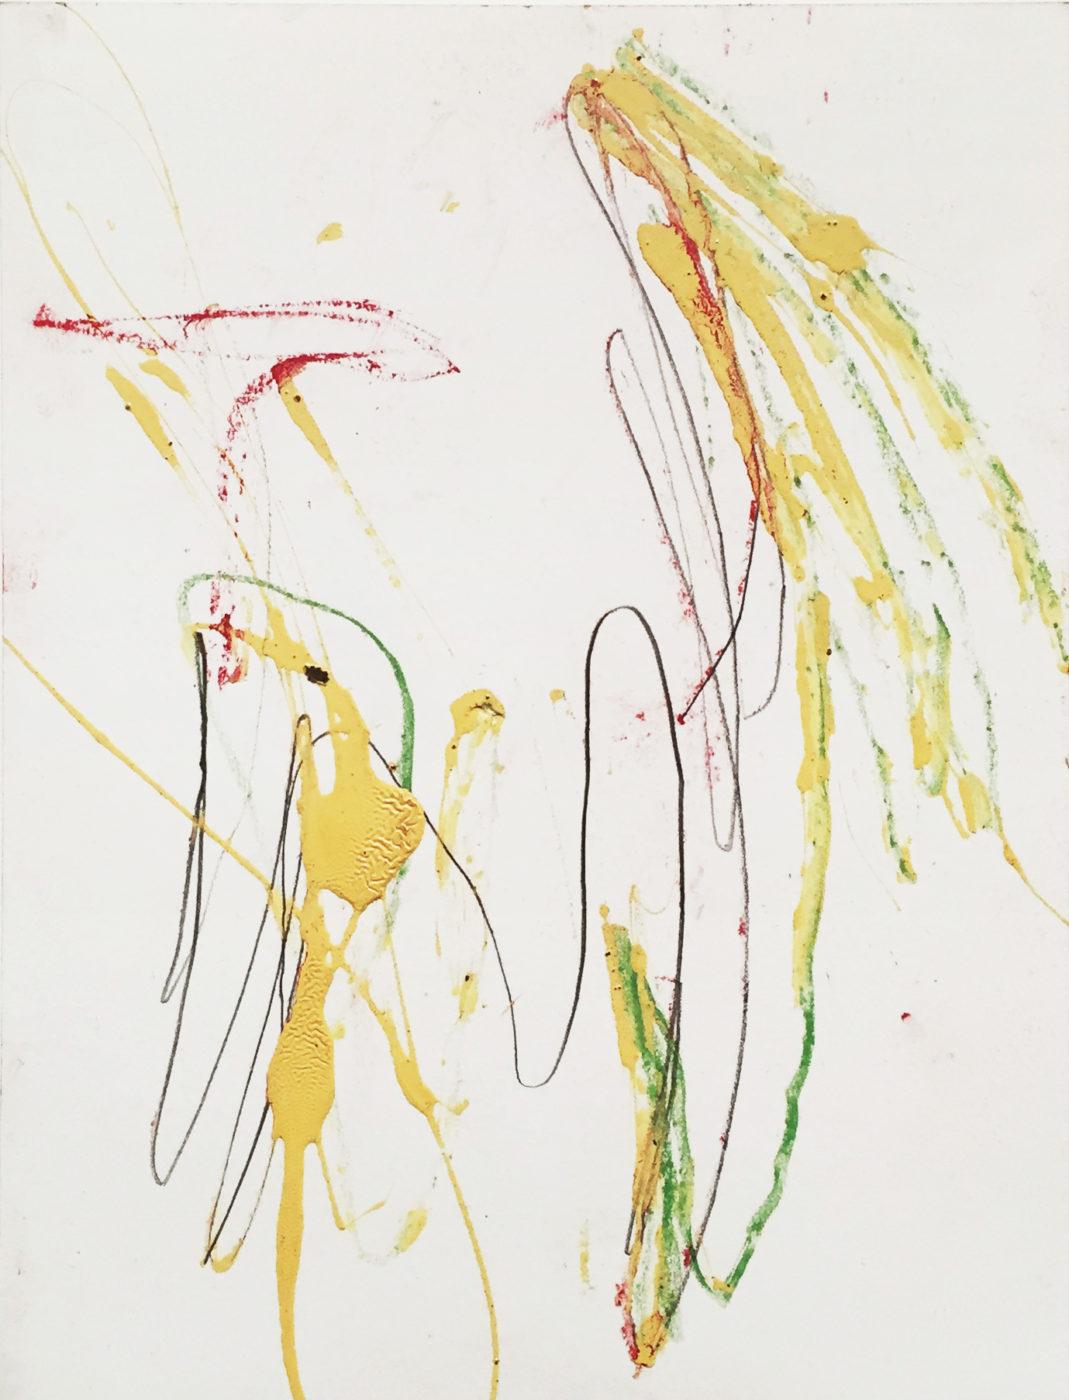 MARC FELD 2012 UN ADIEU 2 Peinture industrielle mine de plomb et crayon de couleur sur papier 24x32 cm